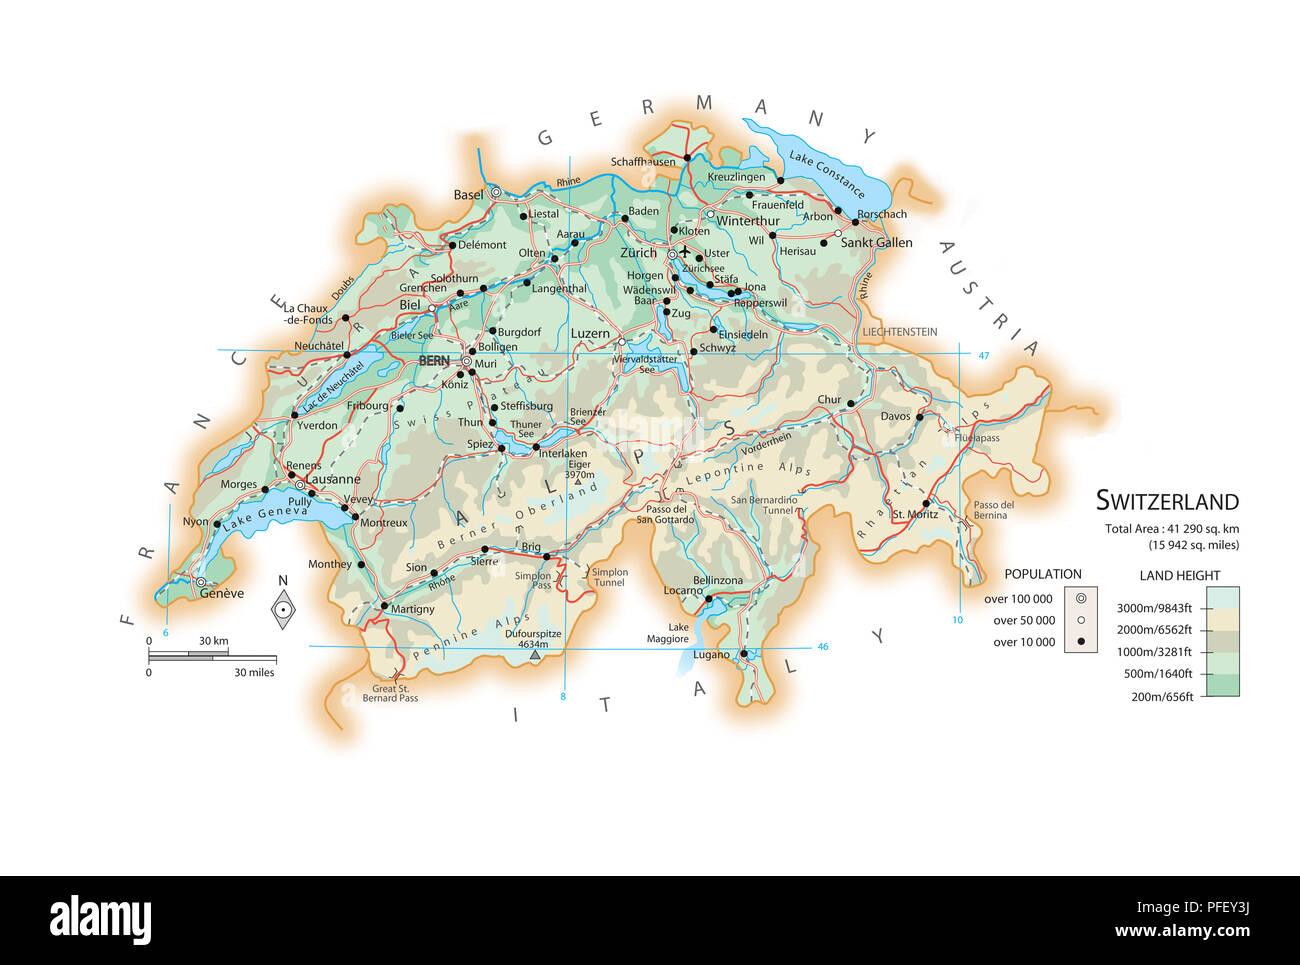 La Cartina Geografica Della Svizzera.Cartina Della Svizzera Foto Stock Alamy